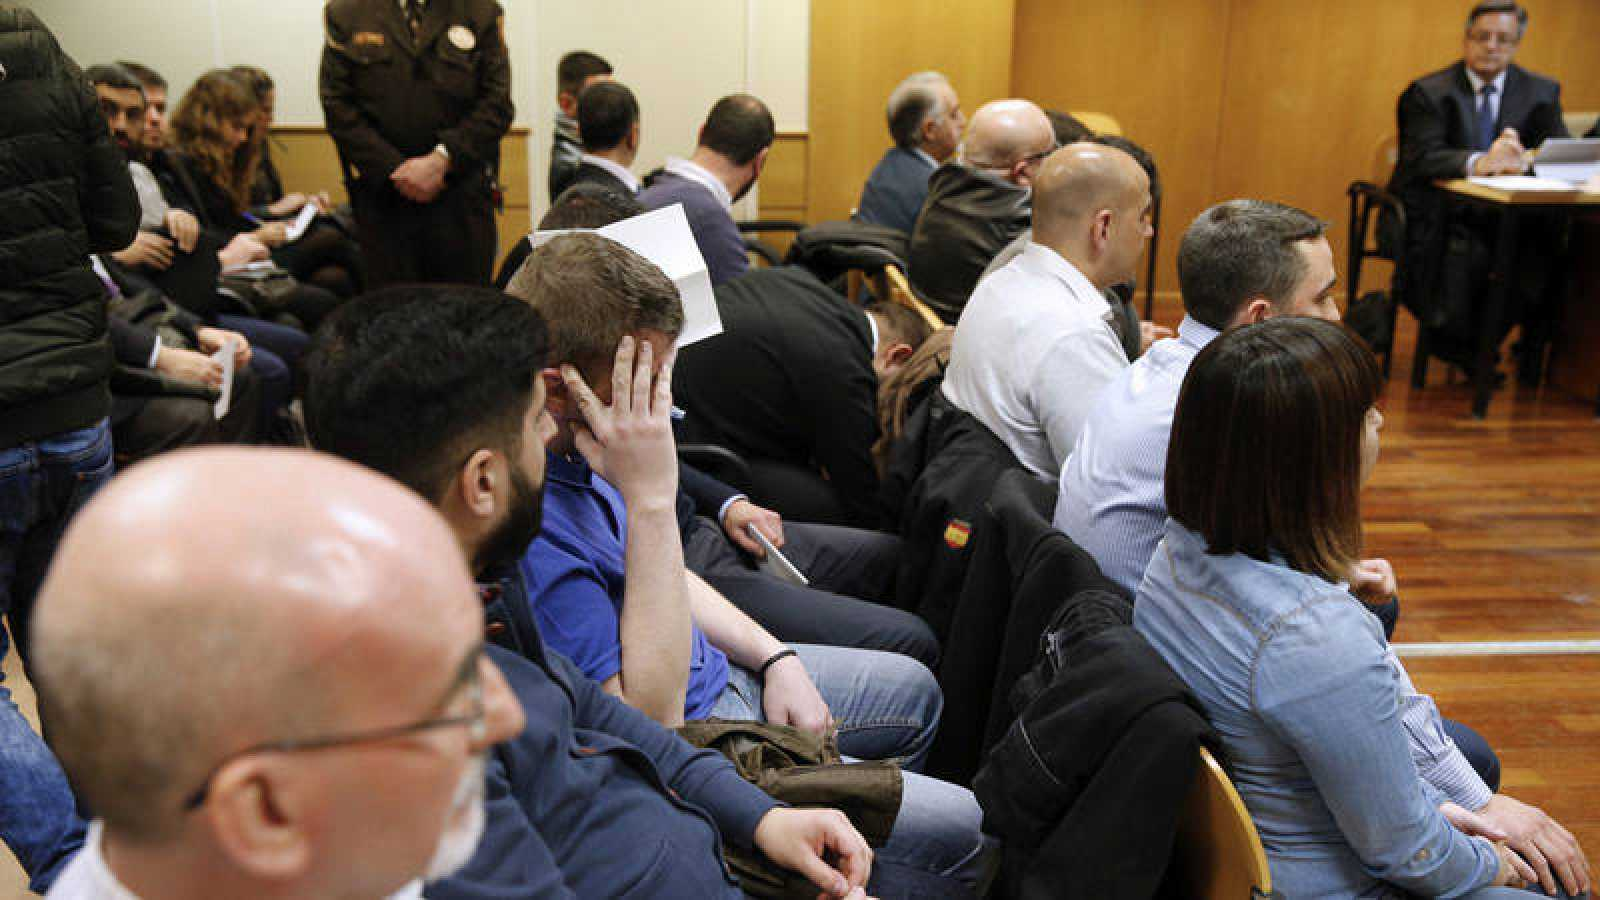 Los ultras que asaltaron el centro cultural Blanquerna durante el juicio en la Audiencia Provincial de Madrid